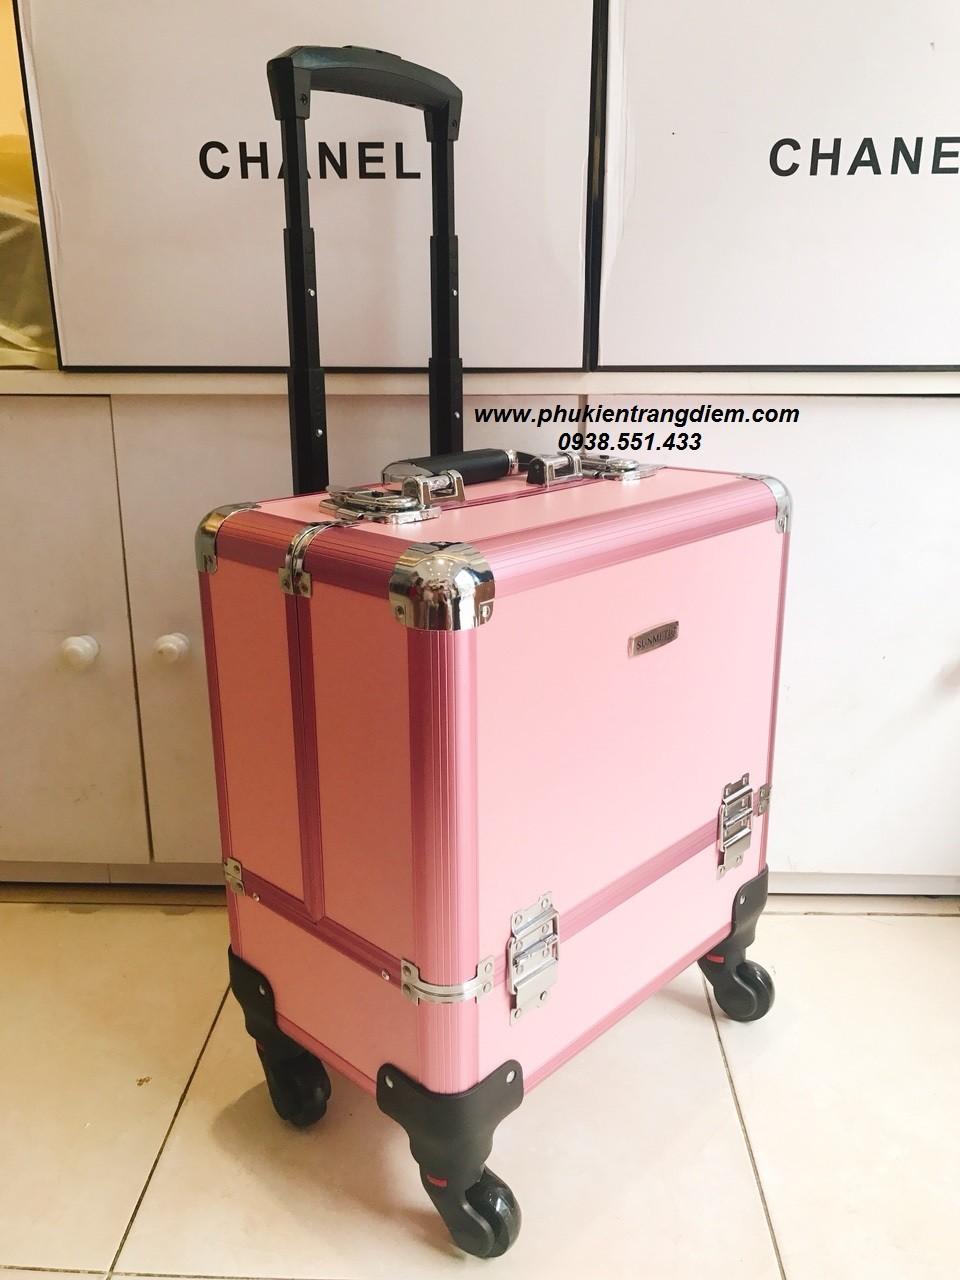 bán cốp trang điểm vali kéo màu hồng chuyên nghiệp cao cấp có bánh xe